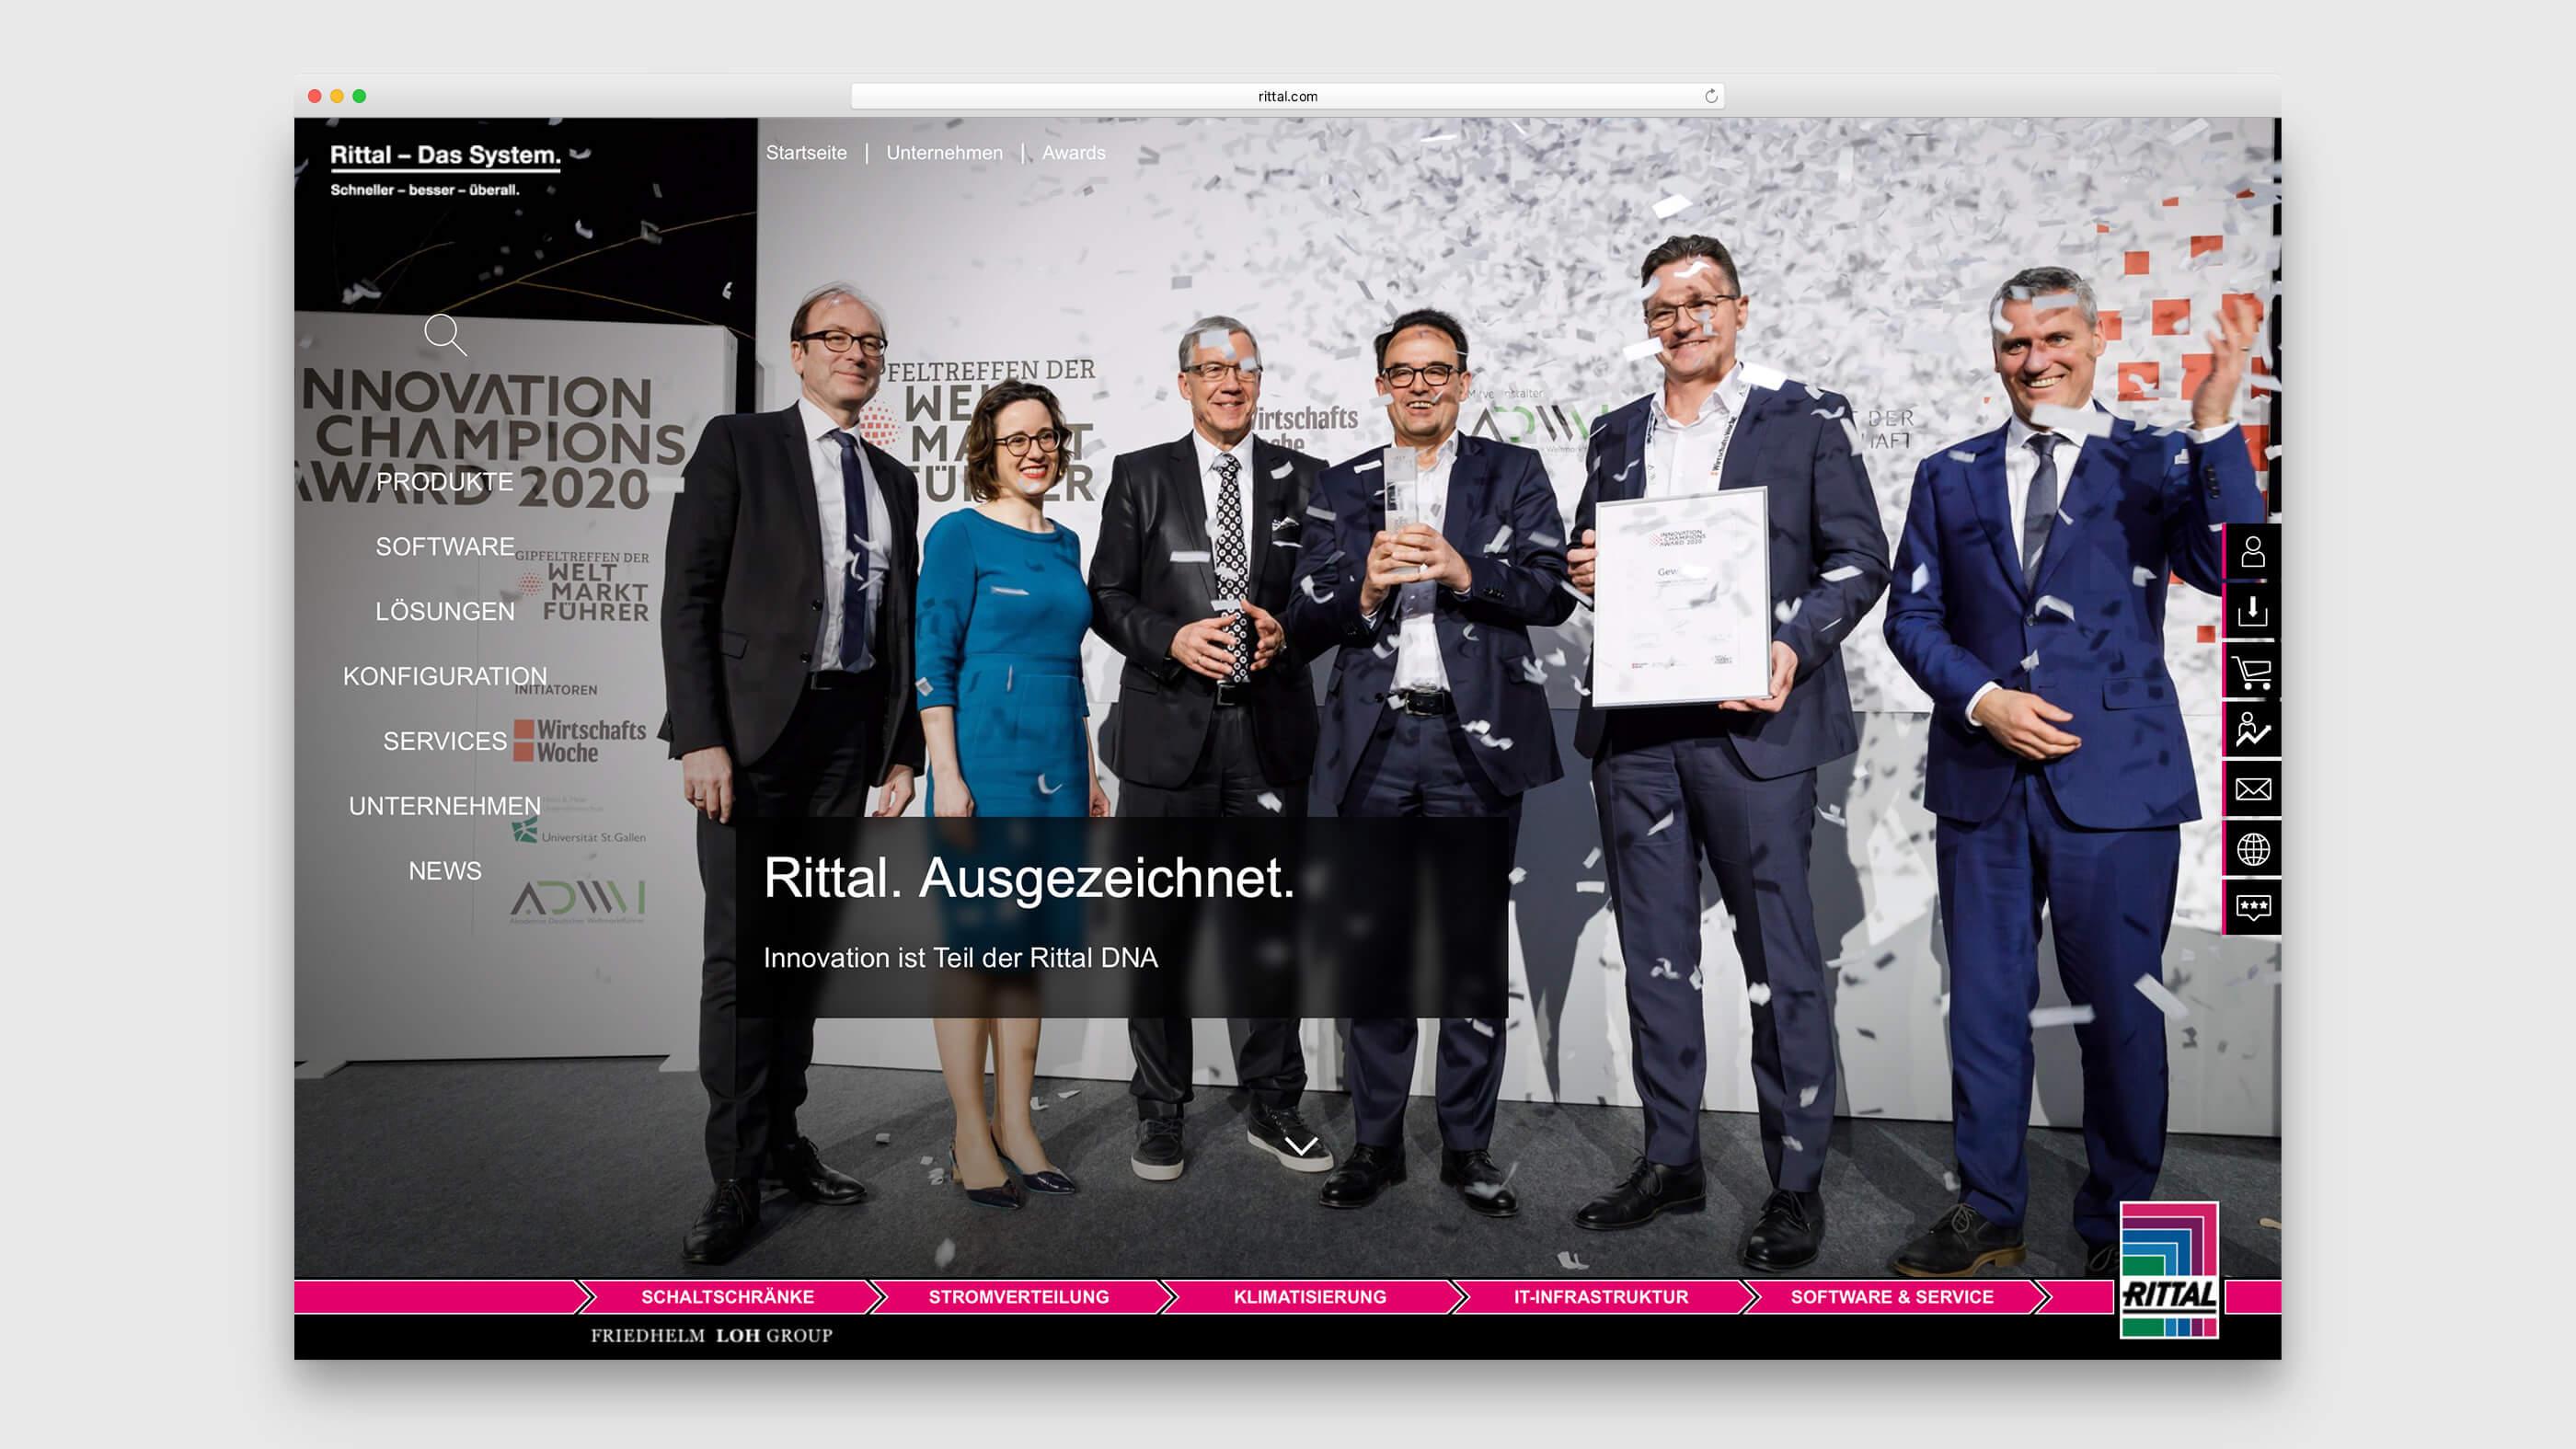 Mitarbeiter der Friedhelm Loh Group bei der Entgegennahme des Innovation Champions Award 2020 für ONCITE